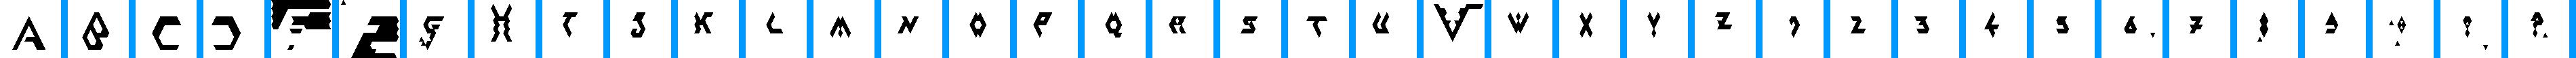 Particip-a-type v.140